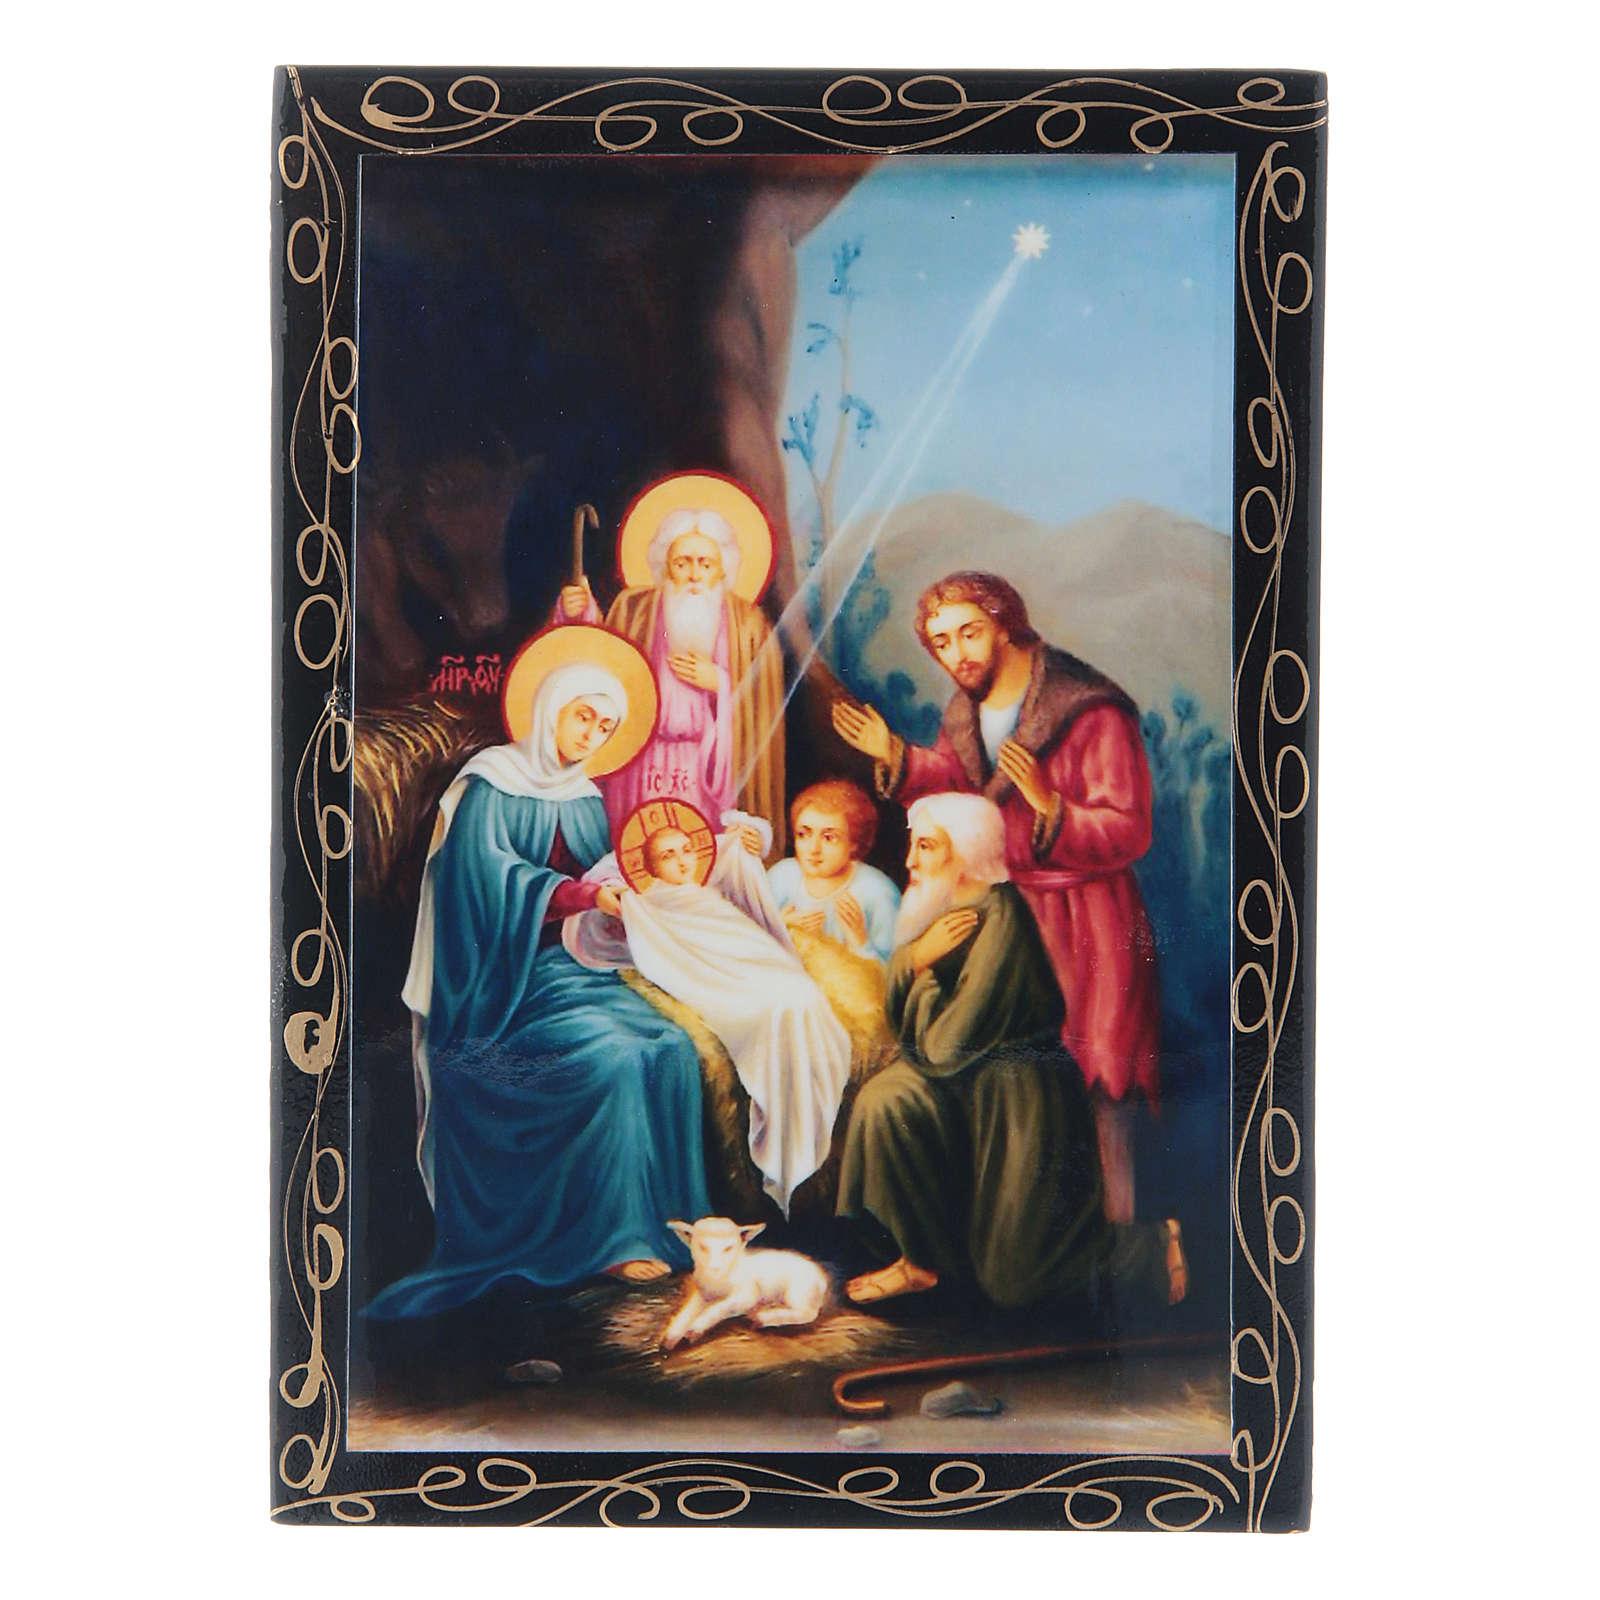 Lacca papier machè cartapesta decorata La Nascita di Gesù Cristo 14X10 cm 4